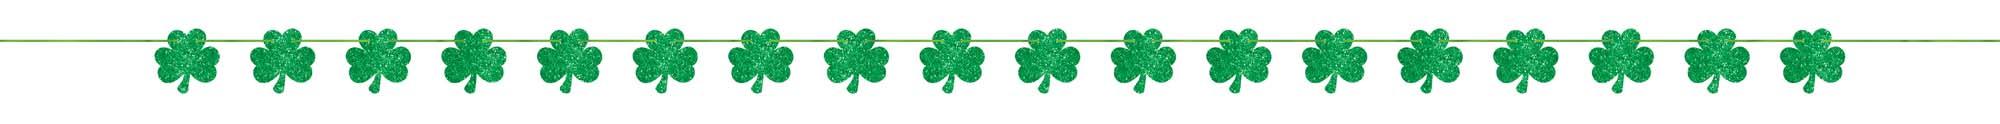 St Patrick's Day Shamrocks Glittered Banner